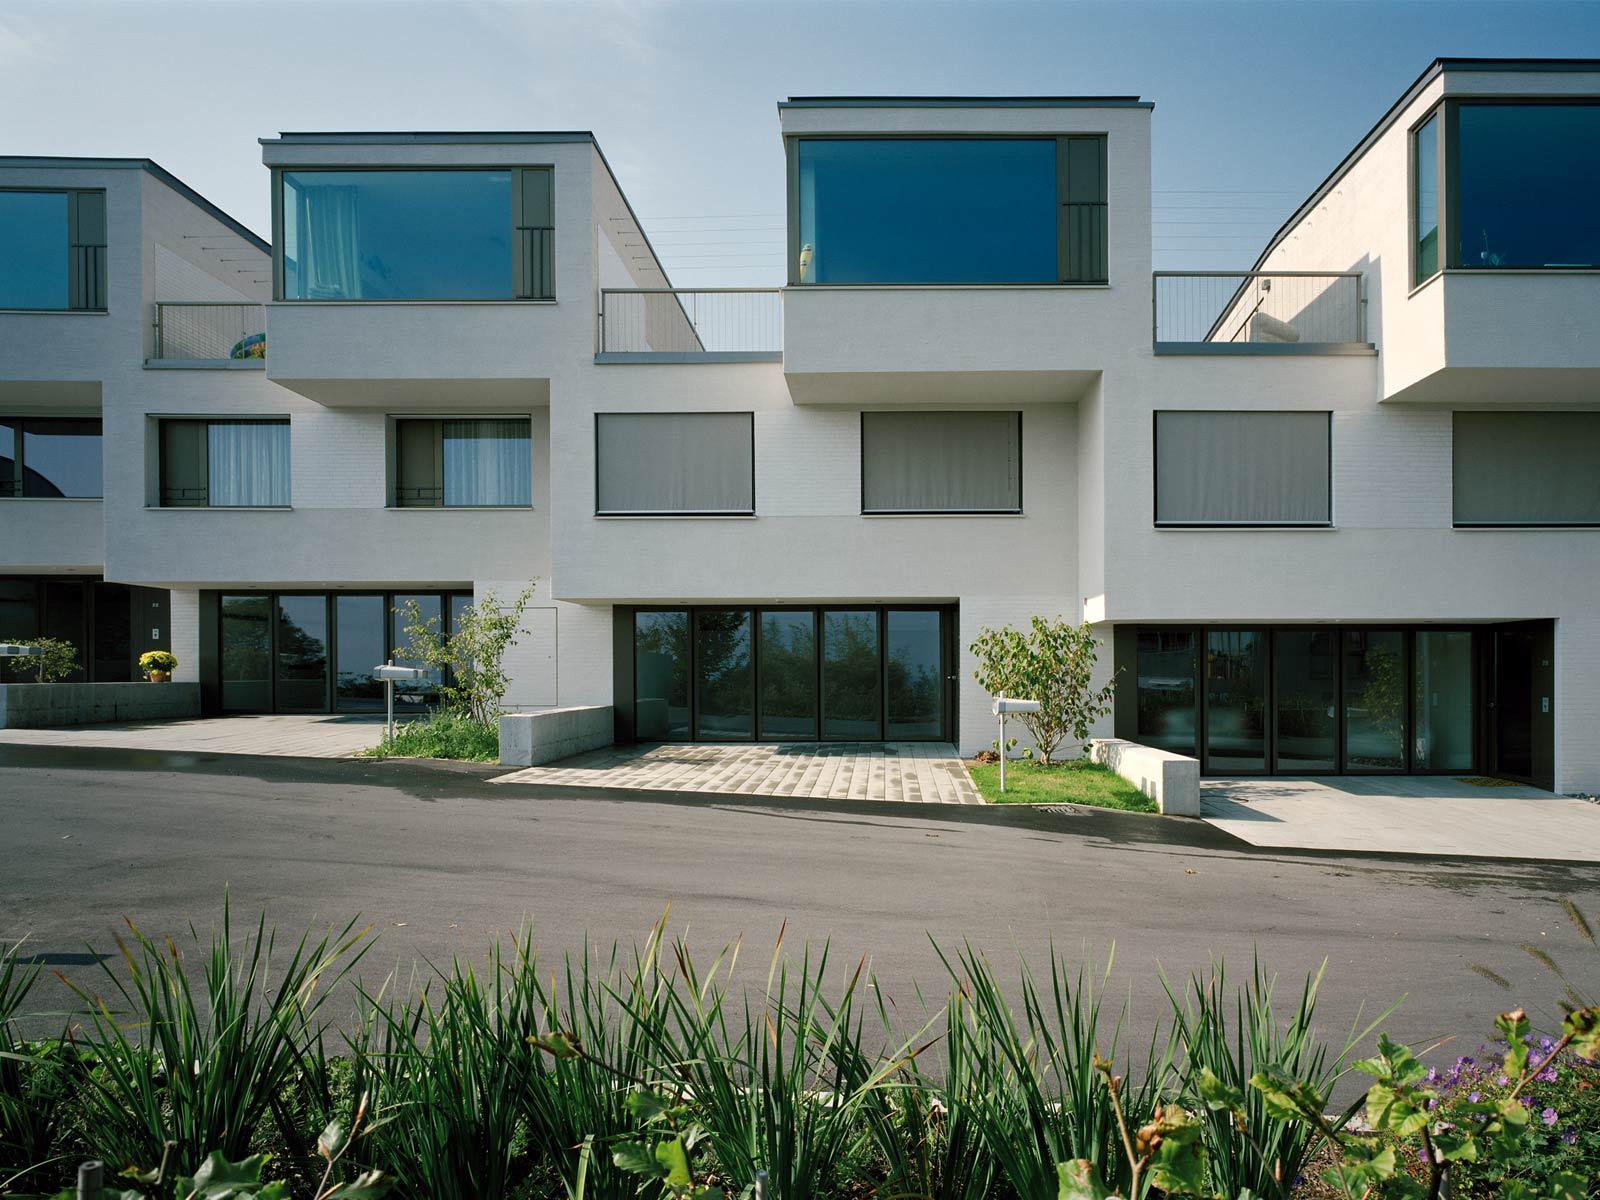 best architects architektur award pool architekten pool architekten reihenh user blue. Black Bedroom Furniture Sets. Home Design Ideas